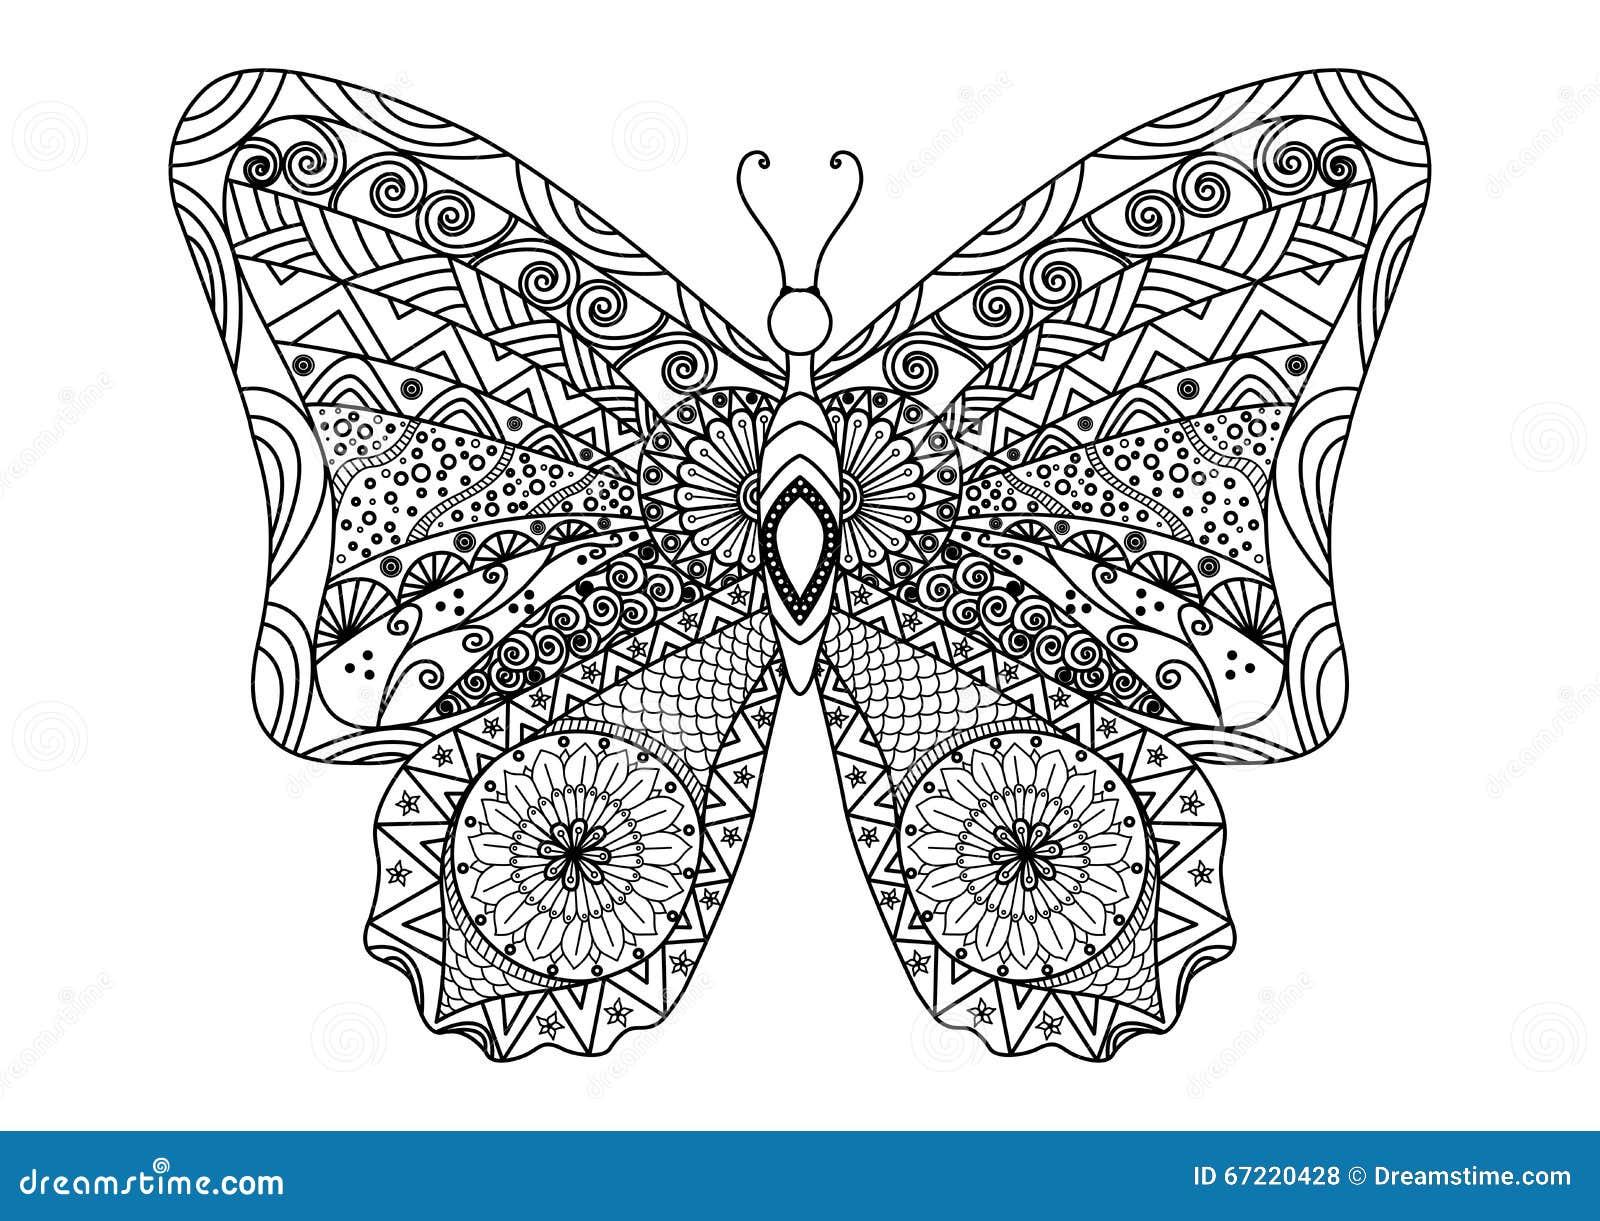 Mandalas Para Colorear Con Animales Y Zentangles: Estilo Dibujado Mano Del Zentangle De La Mariposa Para El